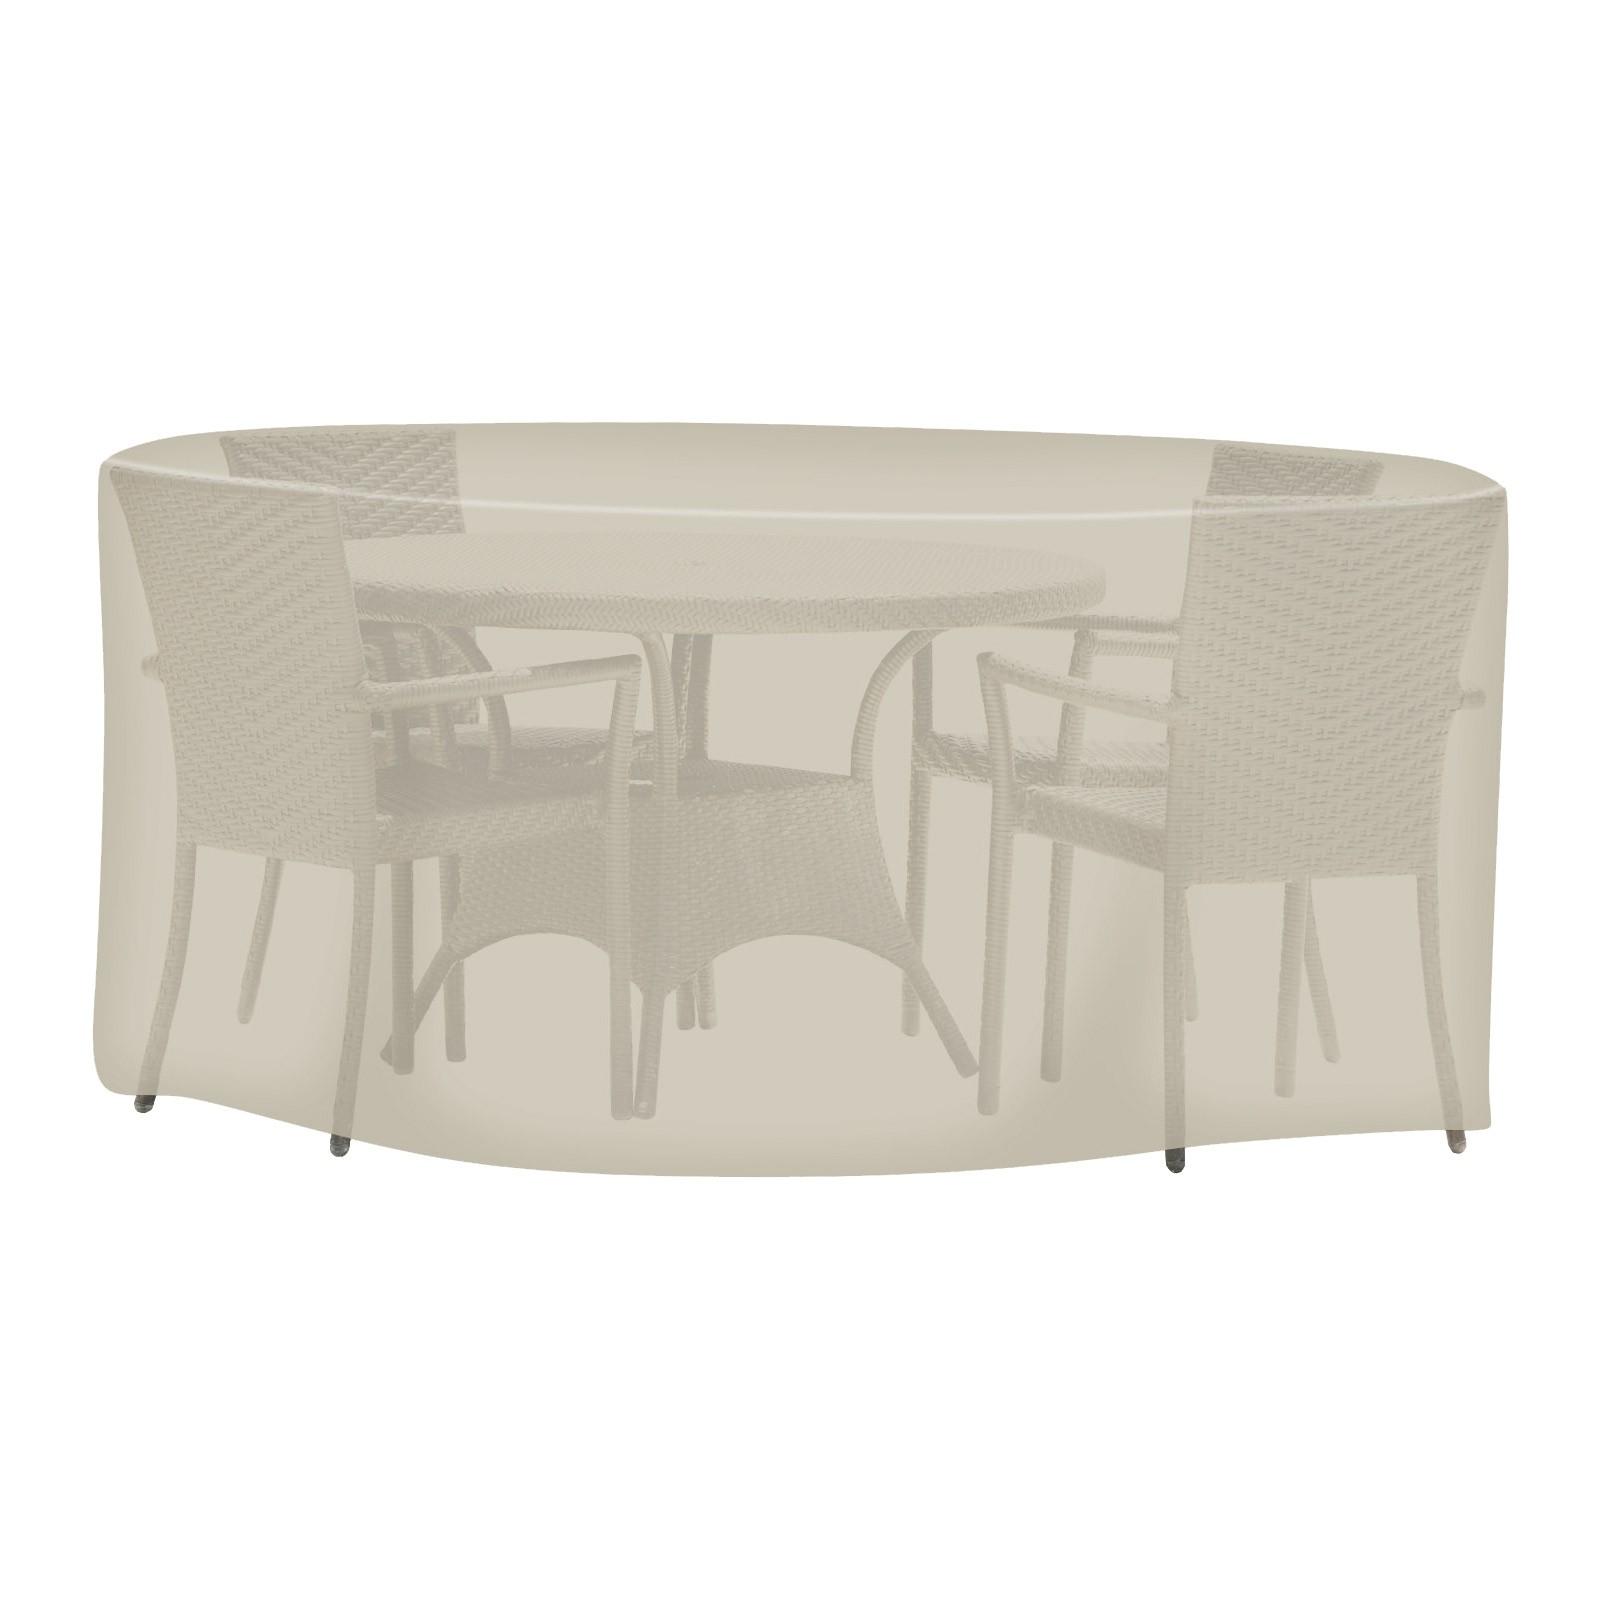 tepro universal abdeckhaube schutzhaube schutzh lle plane sitzgruppe rund gro 4011964086272 ebay. Black Bedroom Furniture Sets. Home Design Ideas